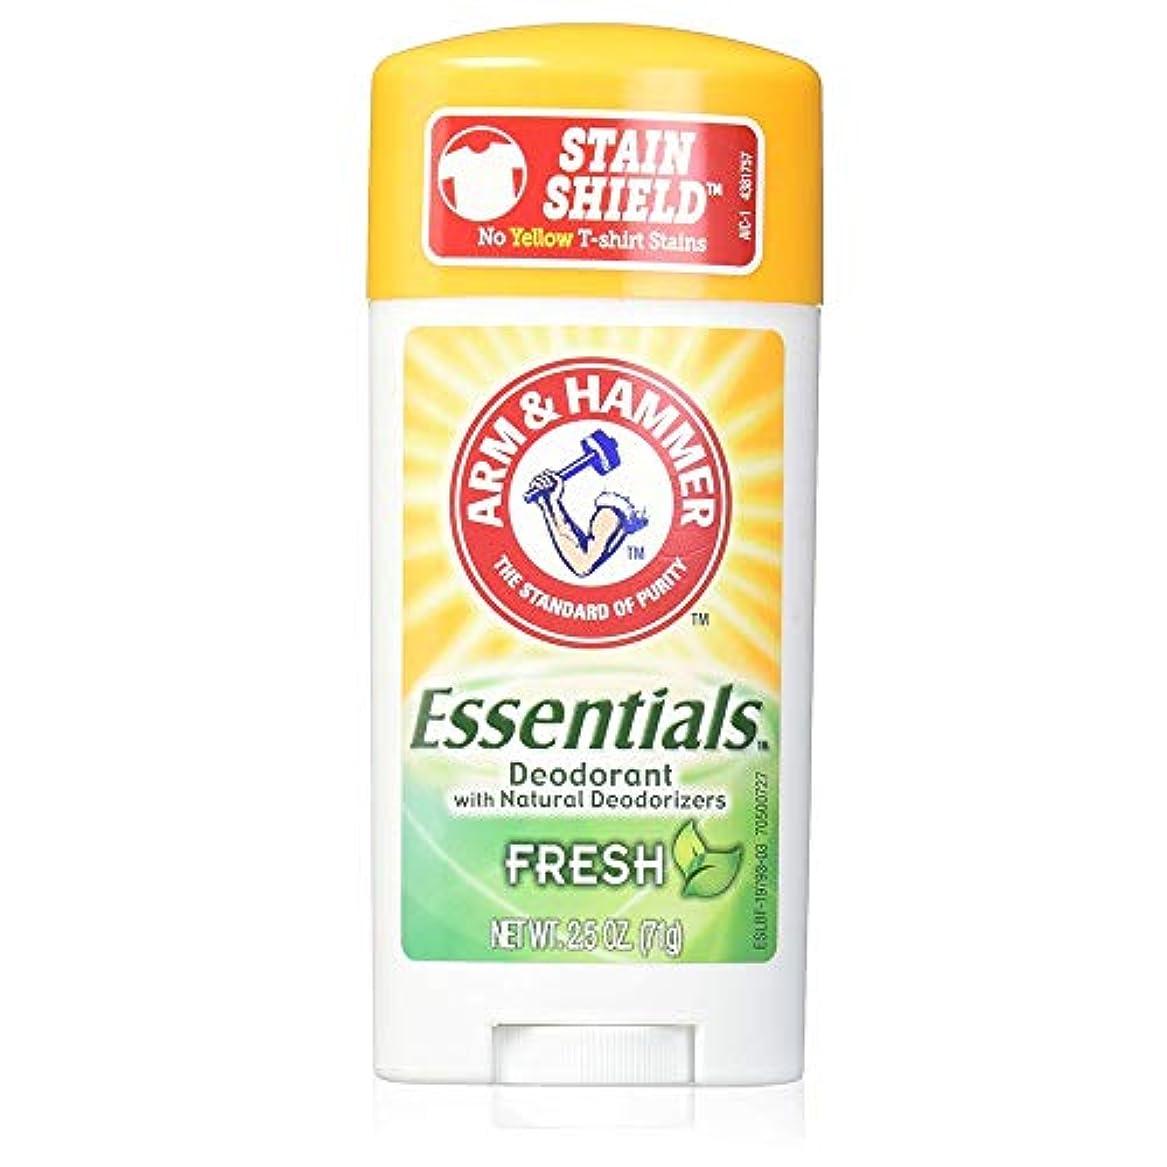 起きるレジインタラクションアーム&ハマー デオドラント【フレッシュ】制汗剤【お風呂上がりの香り】Arm & Hammer Essentials Natural Deodorant Fresh 71?[並行輸入品]